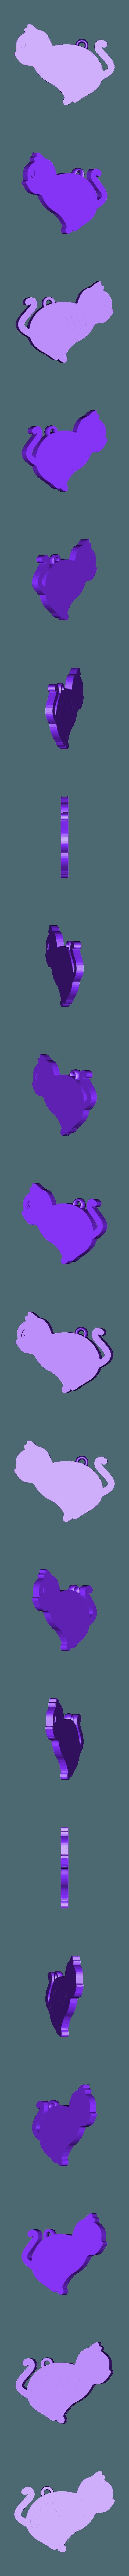 cat_skeleton_v1.stl Download free STL file Cat skeleton keychain lithophane • 3D printing object, 3dlito